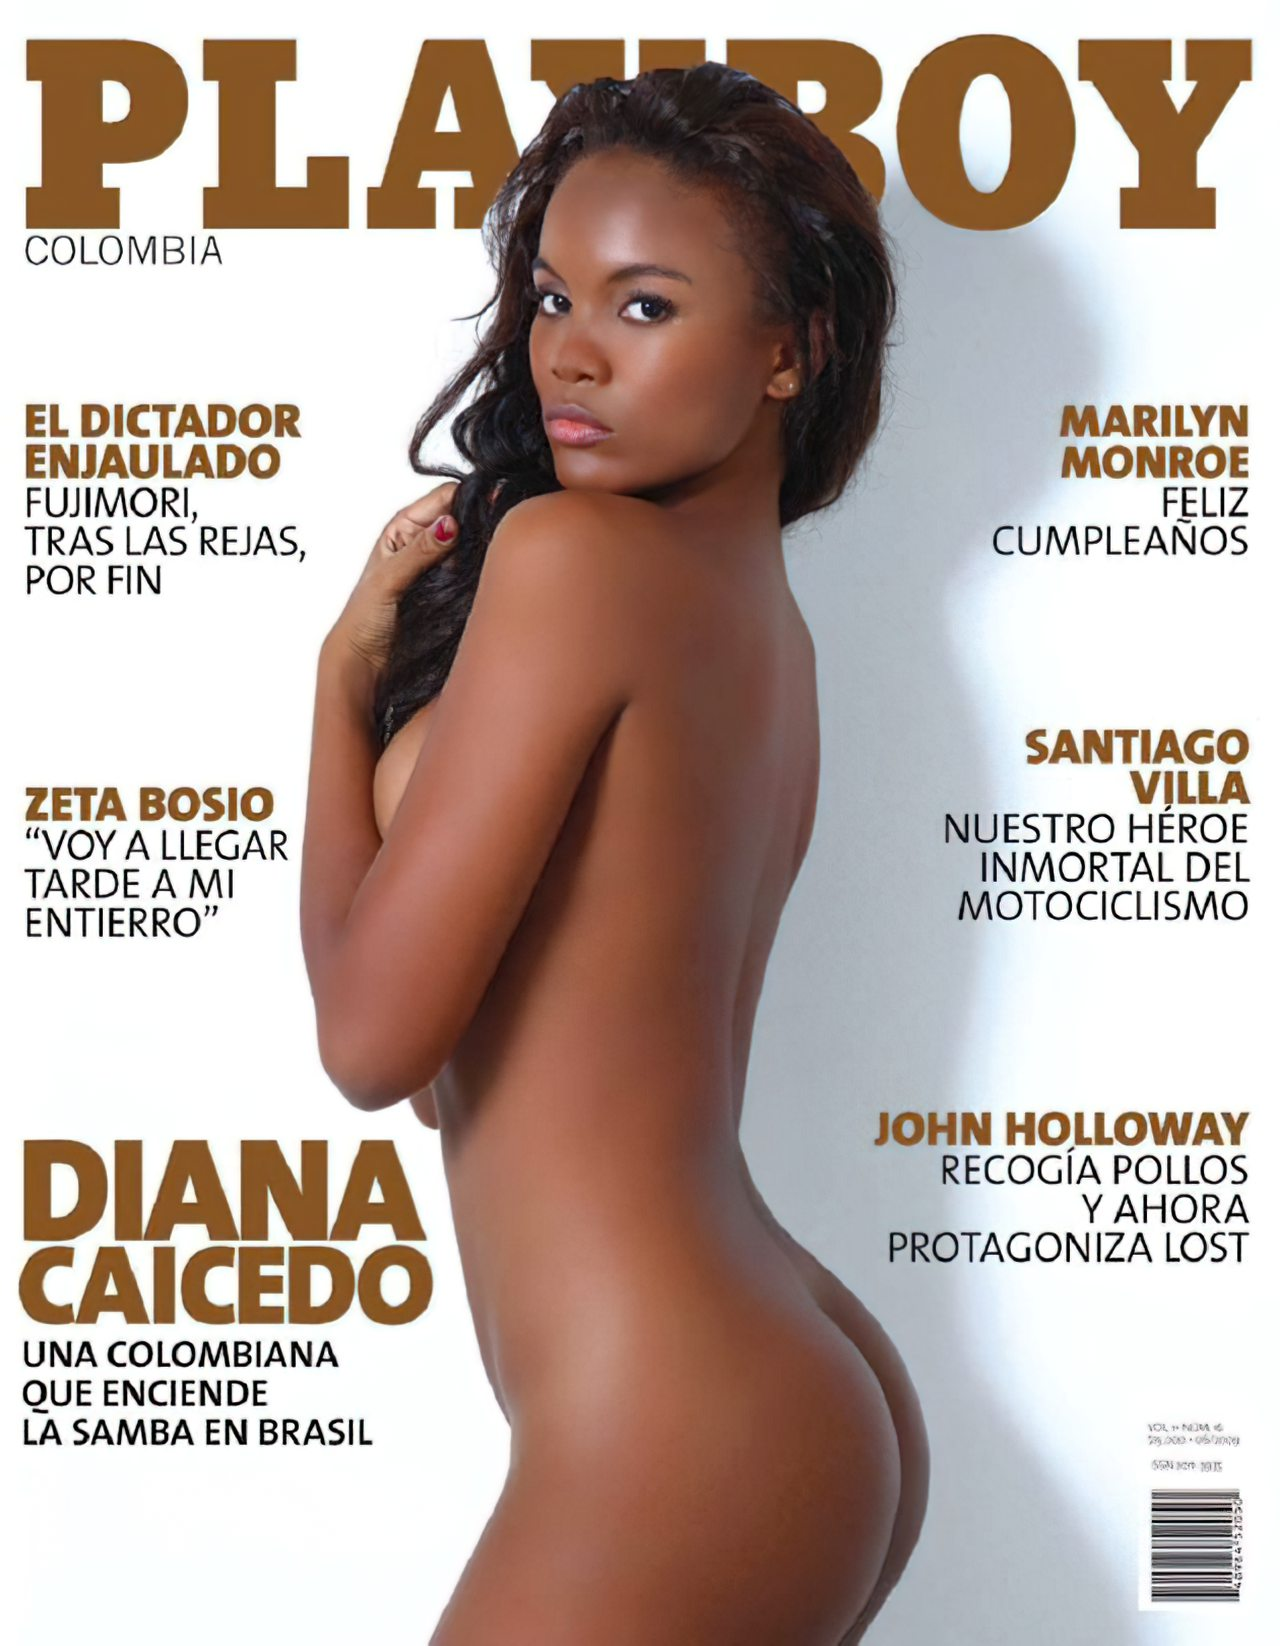 Diana Caicedo (1)